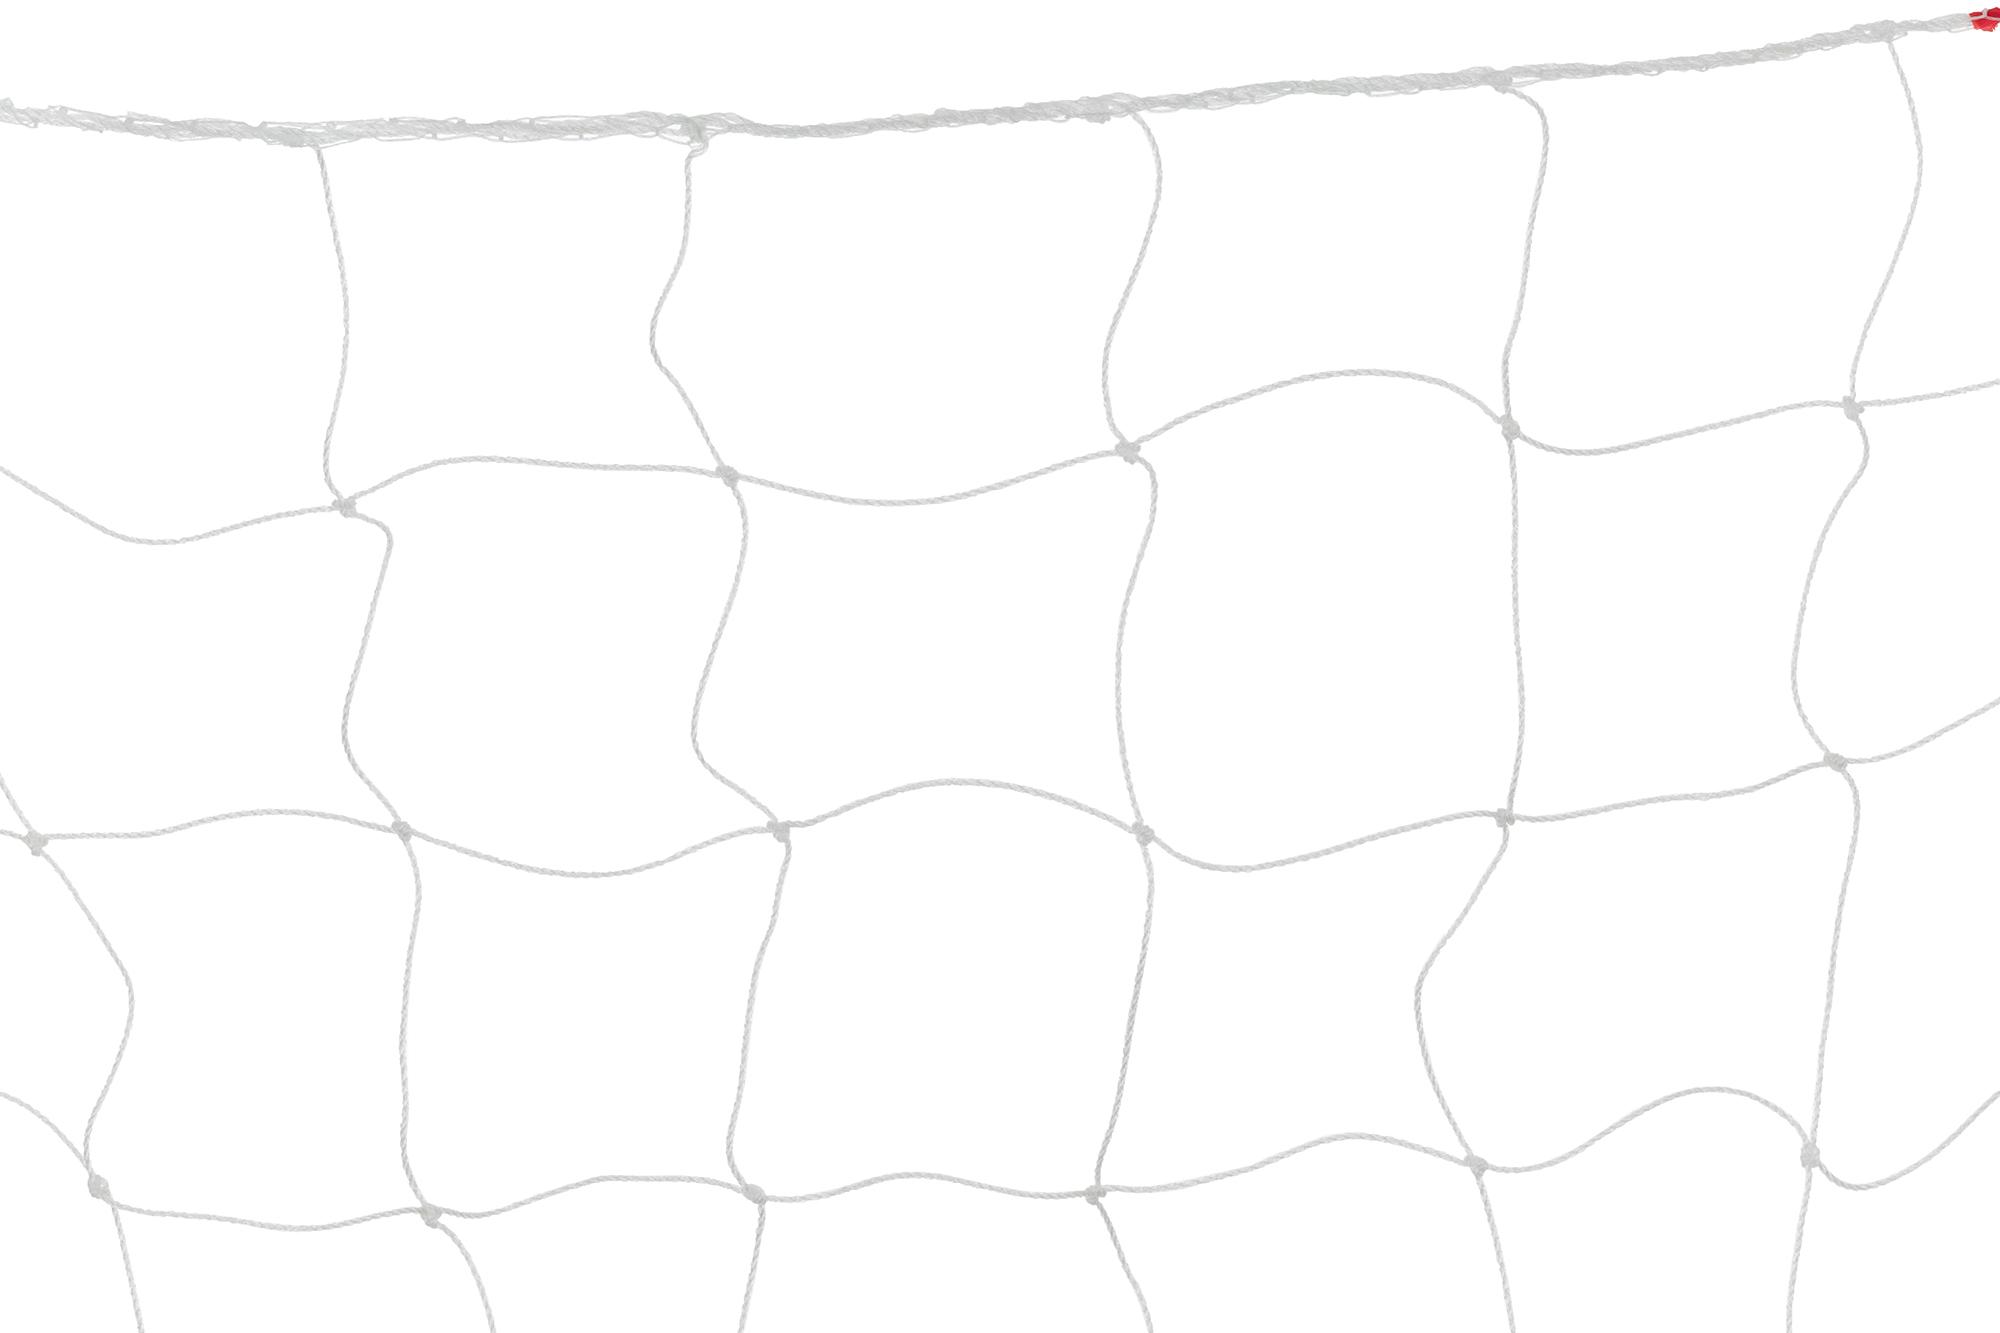 Demix Сетка для футбольных ворот Demix сетка для паховой грыжи в харькове